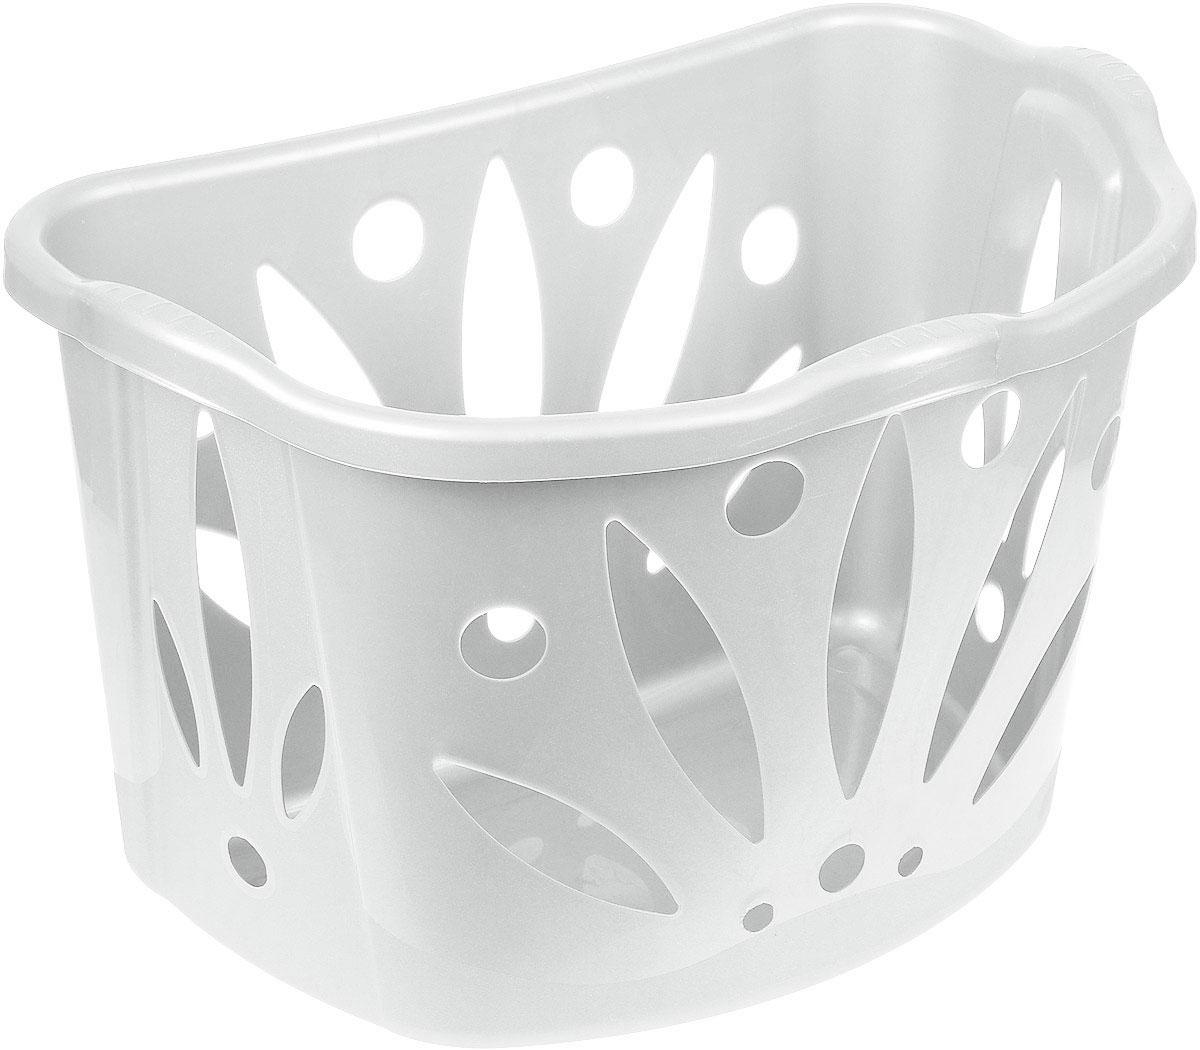 Корзина для белья Bama Bean, цвет: белый, 43 л70170Вместительная корзина для белья Bama Bean изготовлена из прочного цветного пластика. Она отлично подойдет для хранения белья перед стиркой. Специальные отверстия на стенках создают идеальные условия для проветривания. Изделие оснащено двумя ручками для удобной переноски. Такая корзина для белья прекрасно впишется в интерьер ванной комнаты.